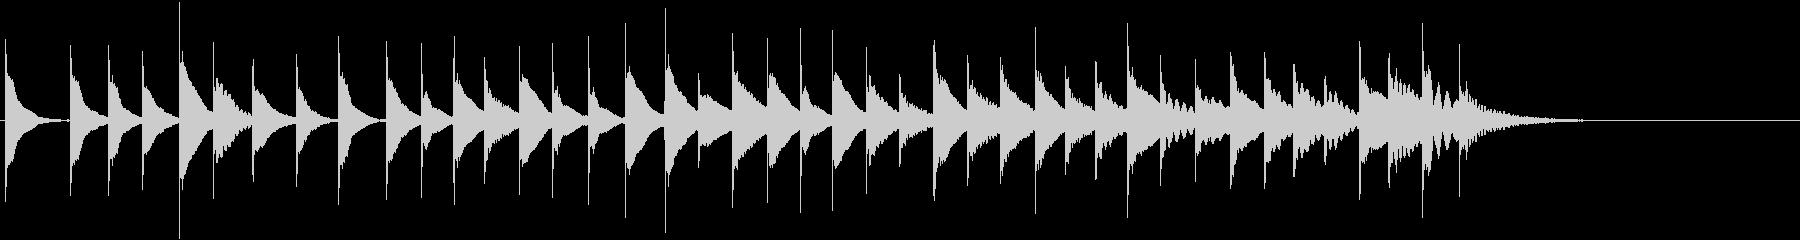 木製木琴:面白いスタガーダウン、漫...の未再生の波形